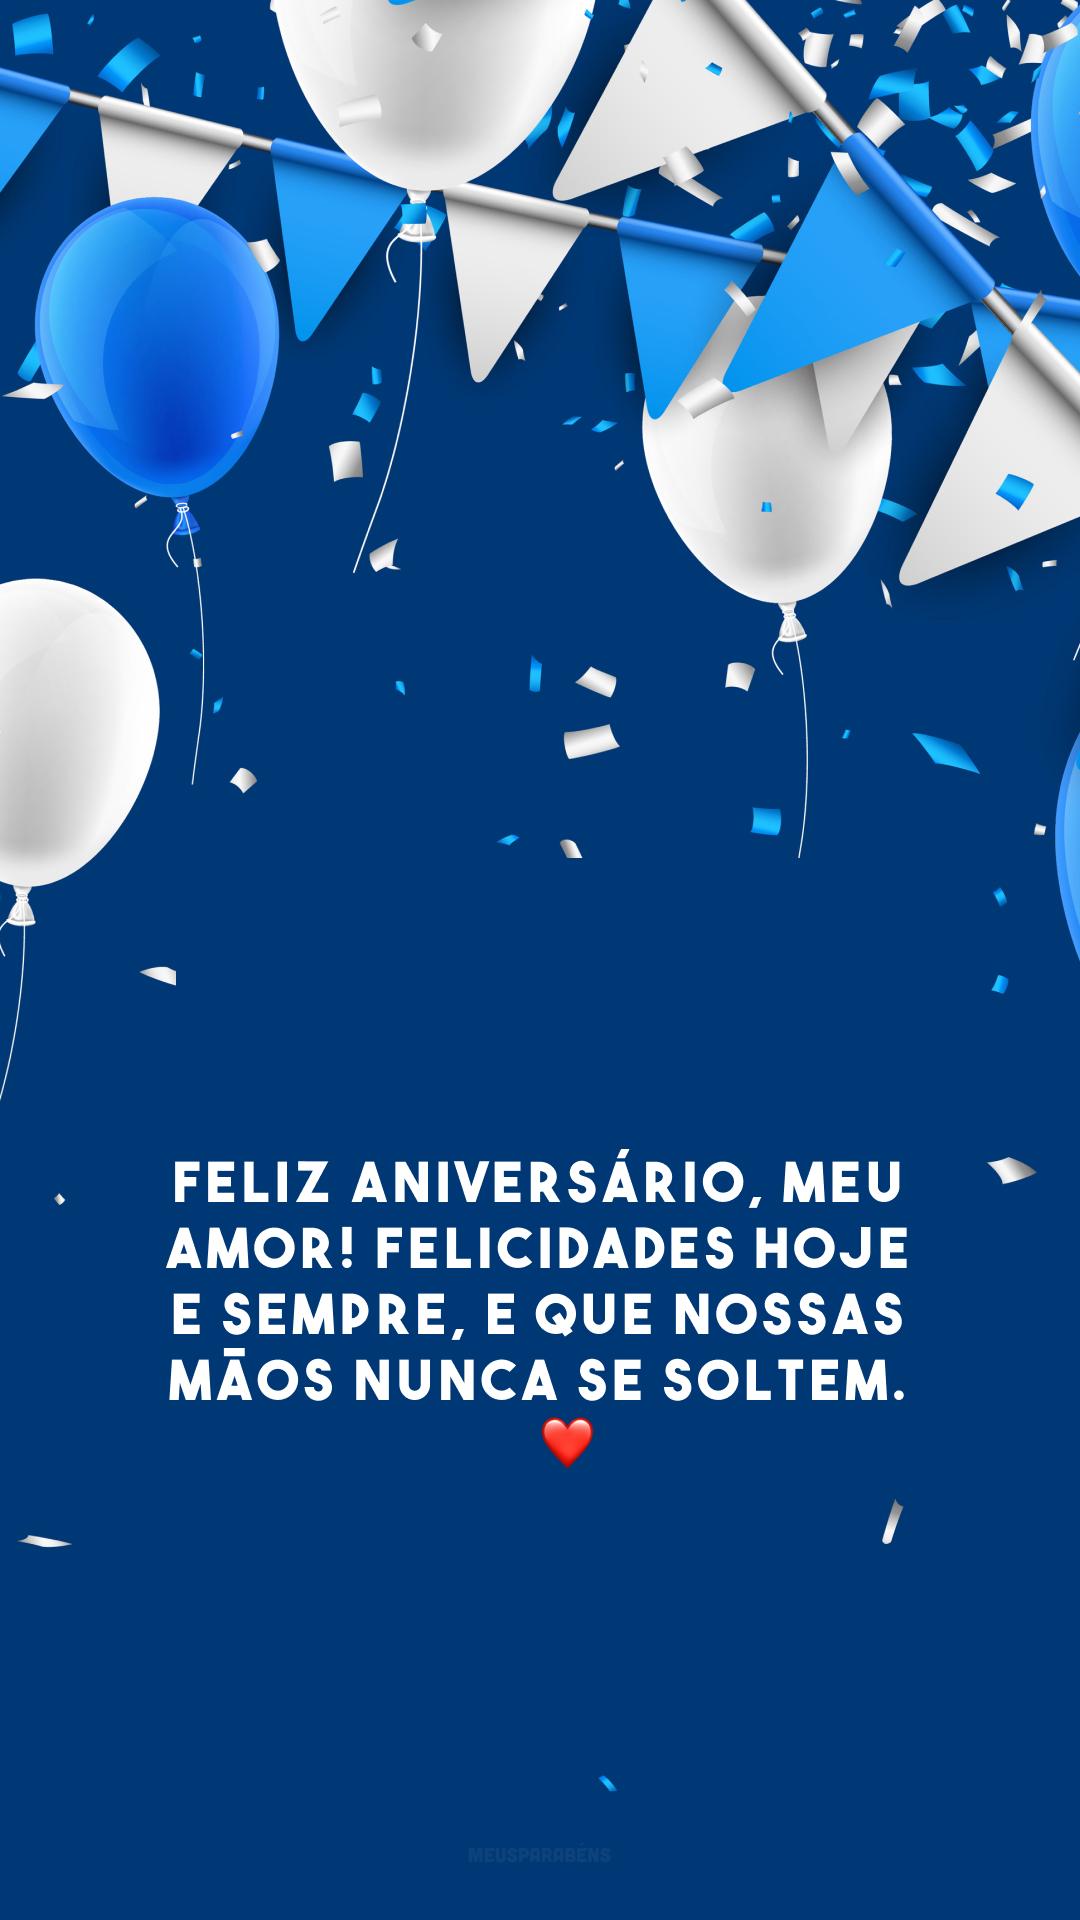 Feliz aniversário, meu amor! Felicidades hoje e sempre, e que nossas mãos nunca se soltem. 👫🏿❤️